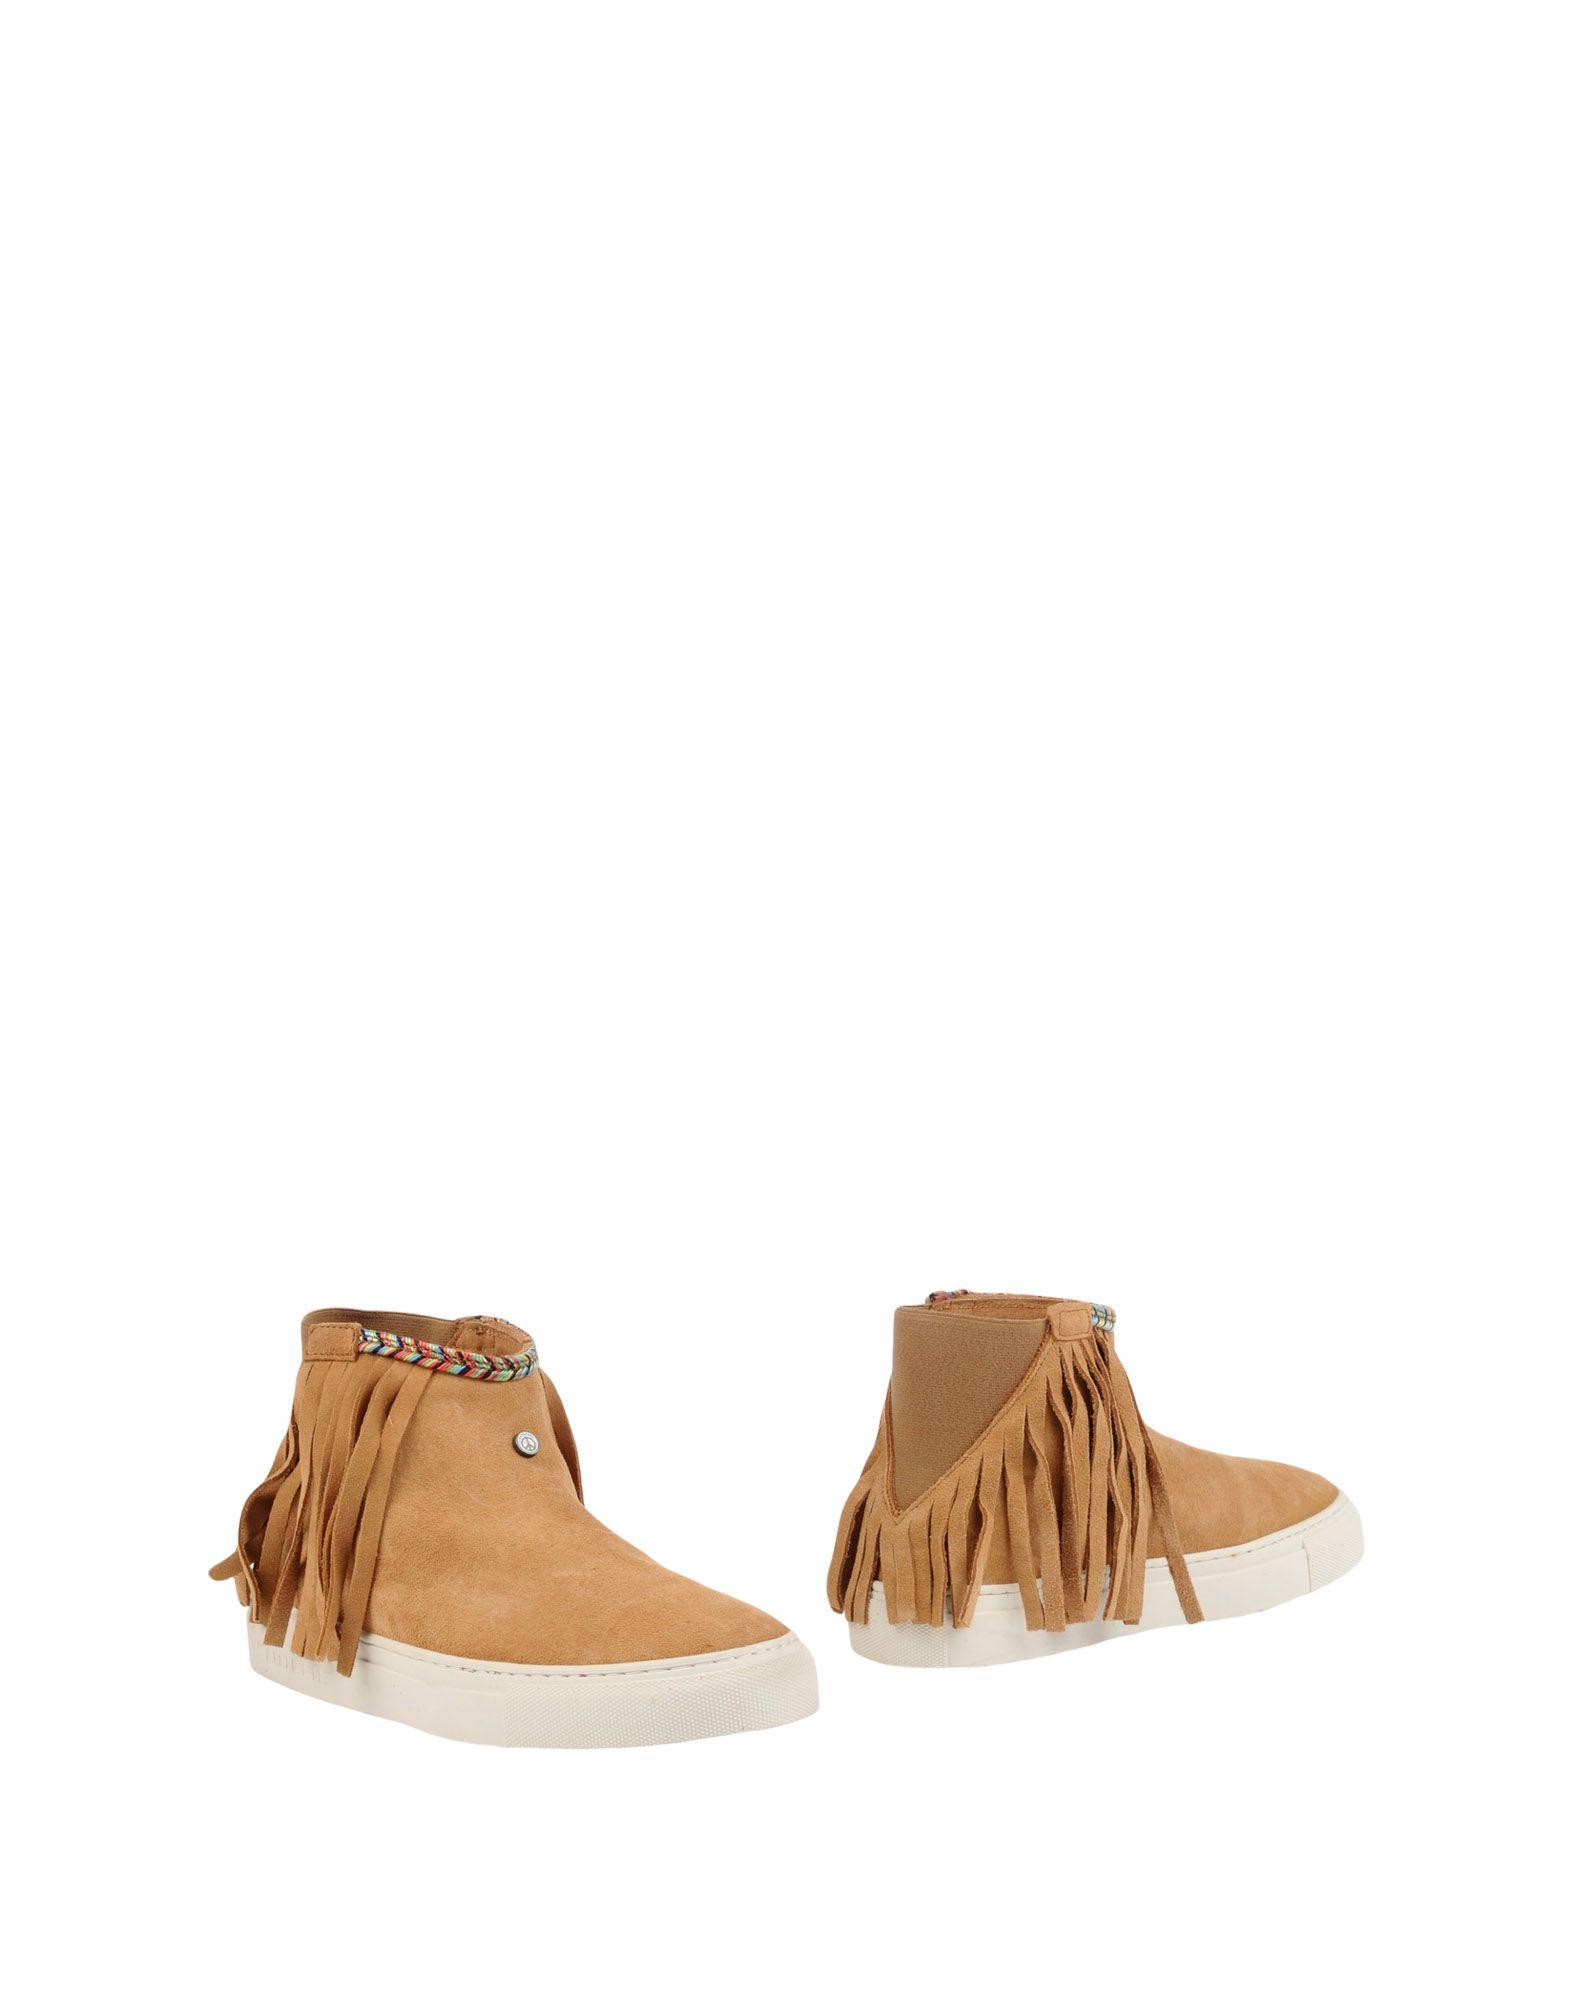 Dolfie Stiefelette Damen 11280889FJ Gute Qualität beliebte Schuhe